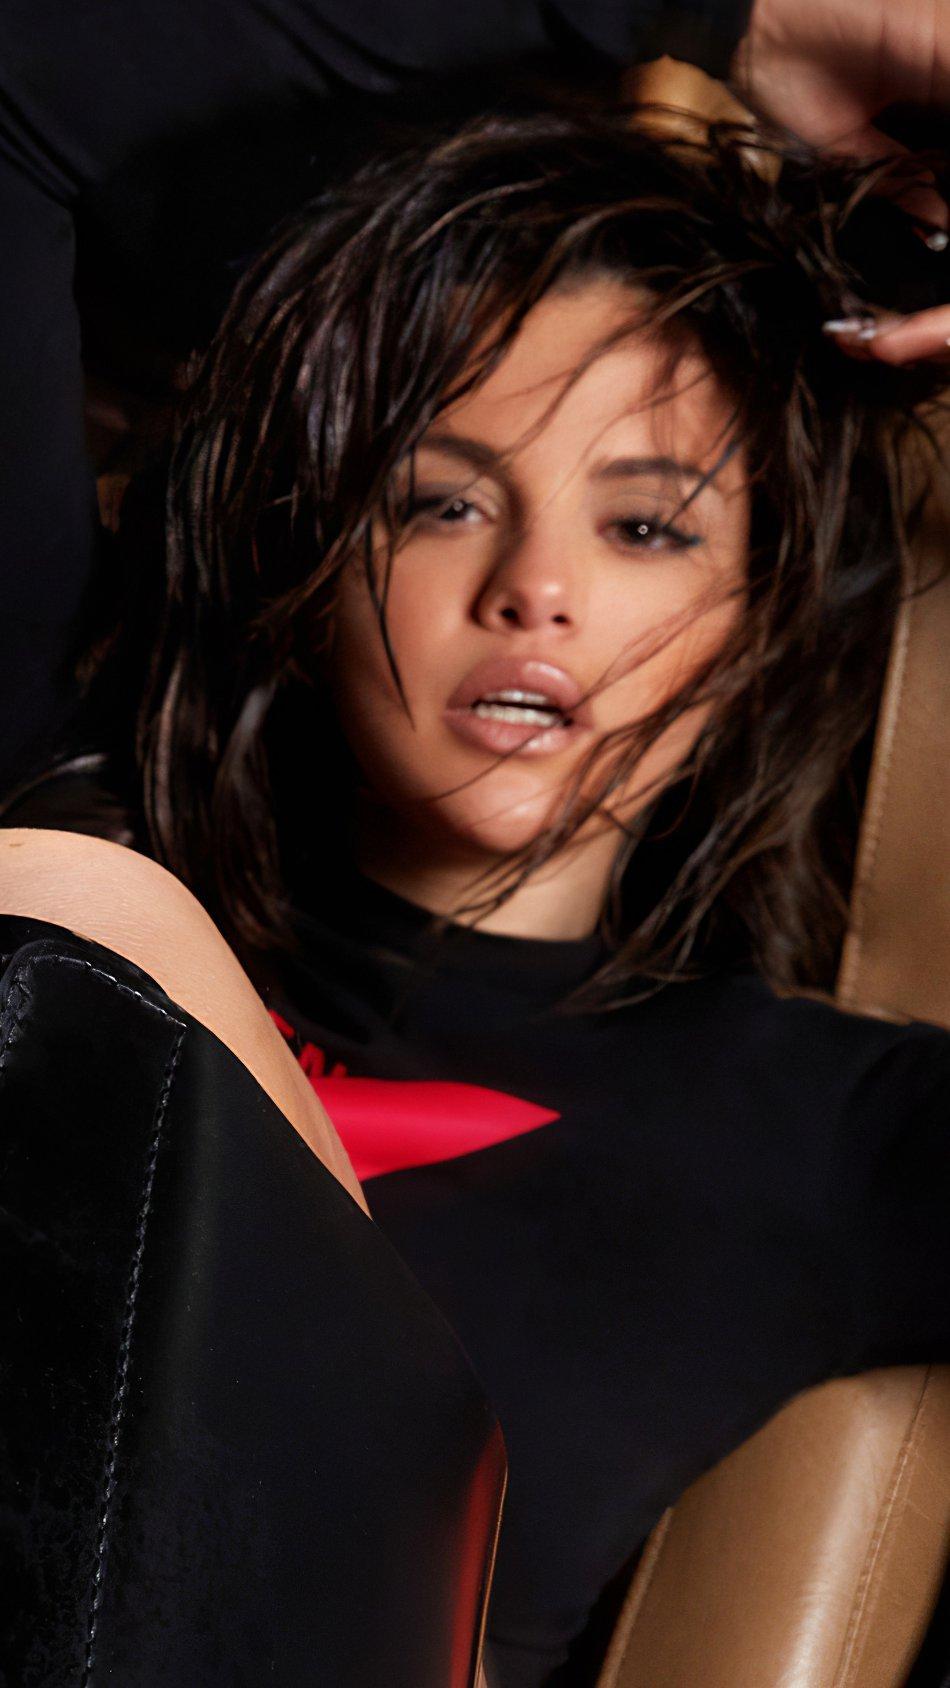 Wallpaper Selena Gomez in sports car Vertical